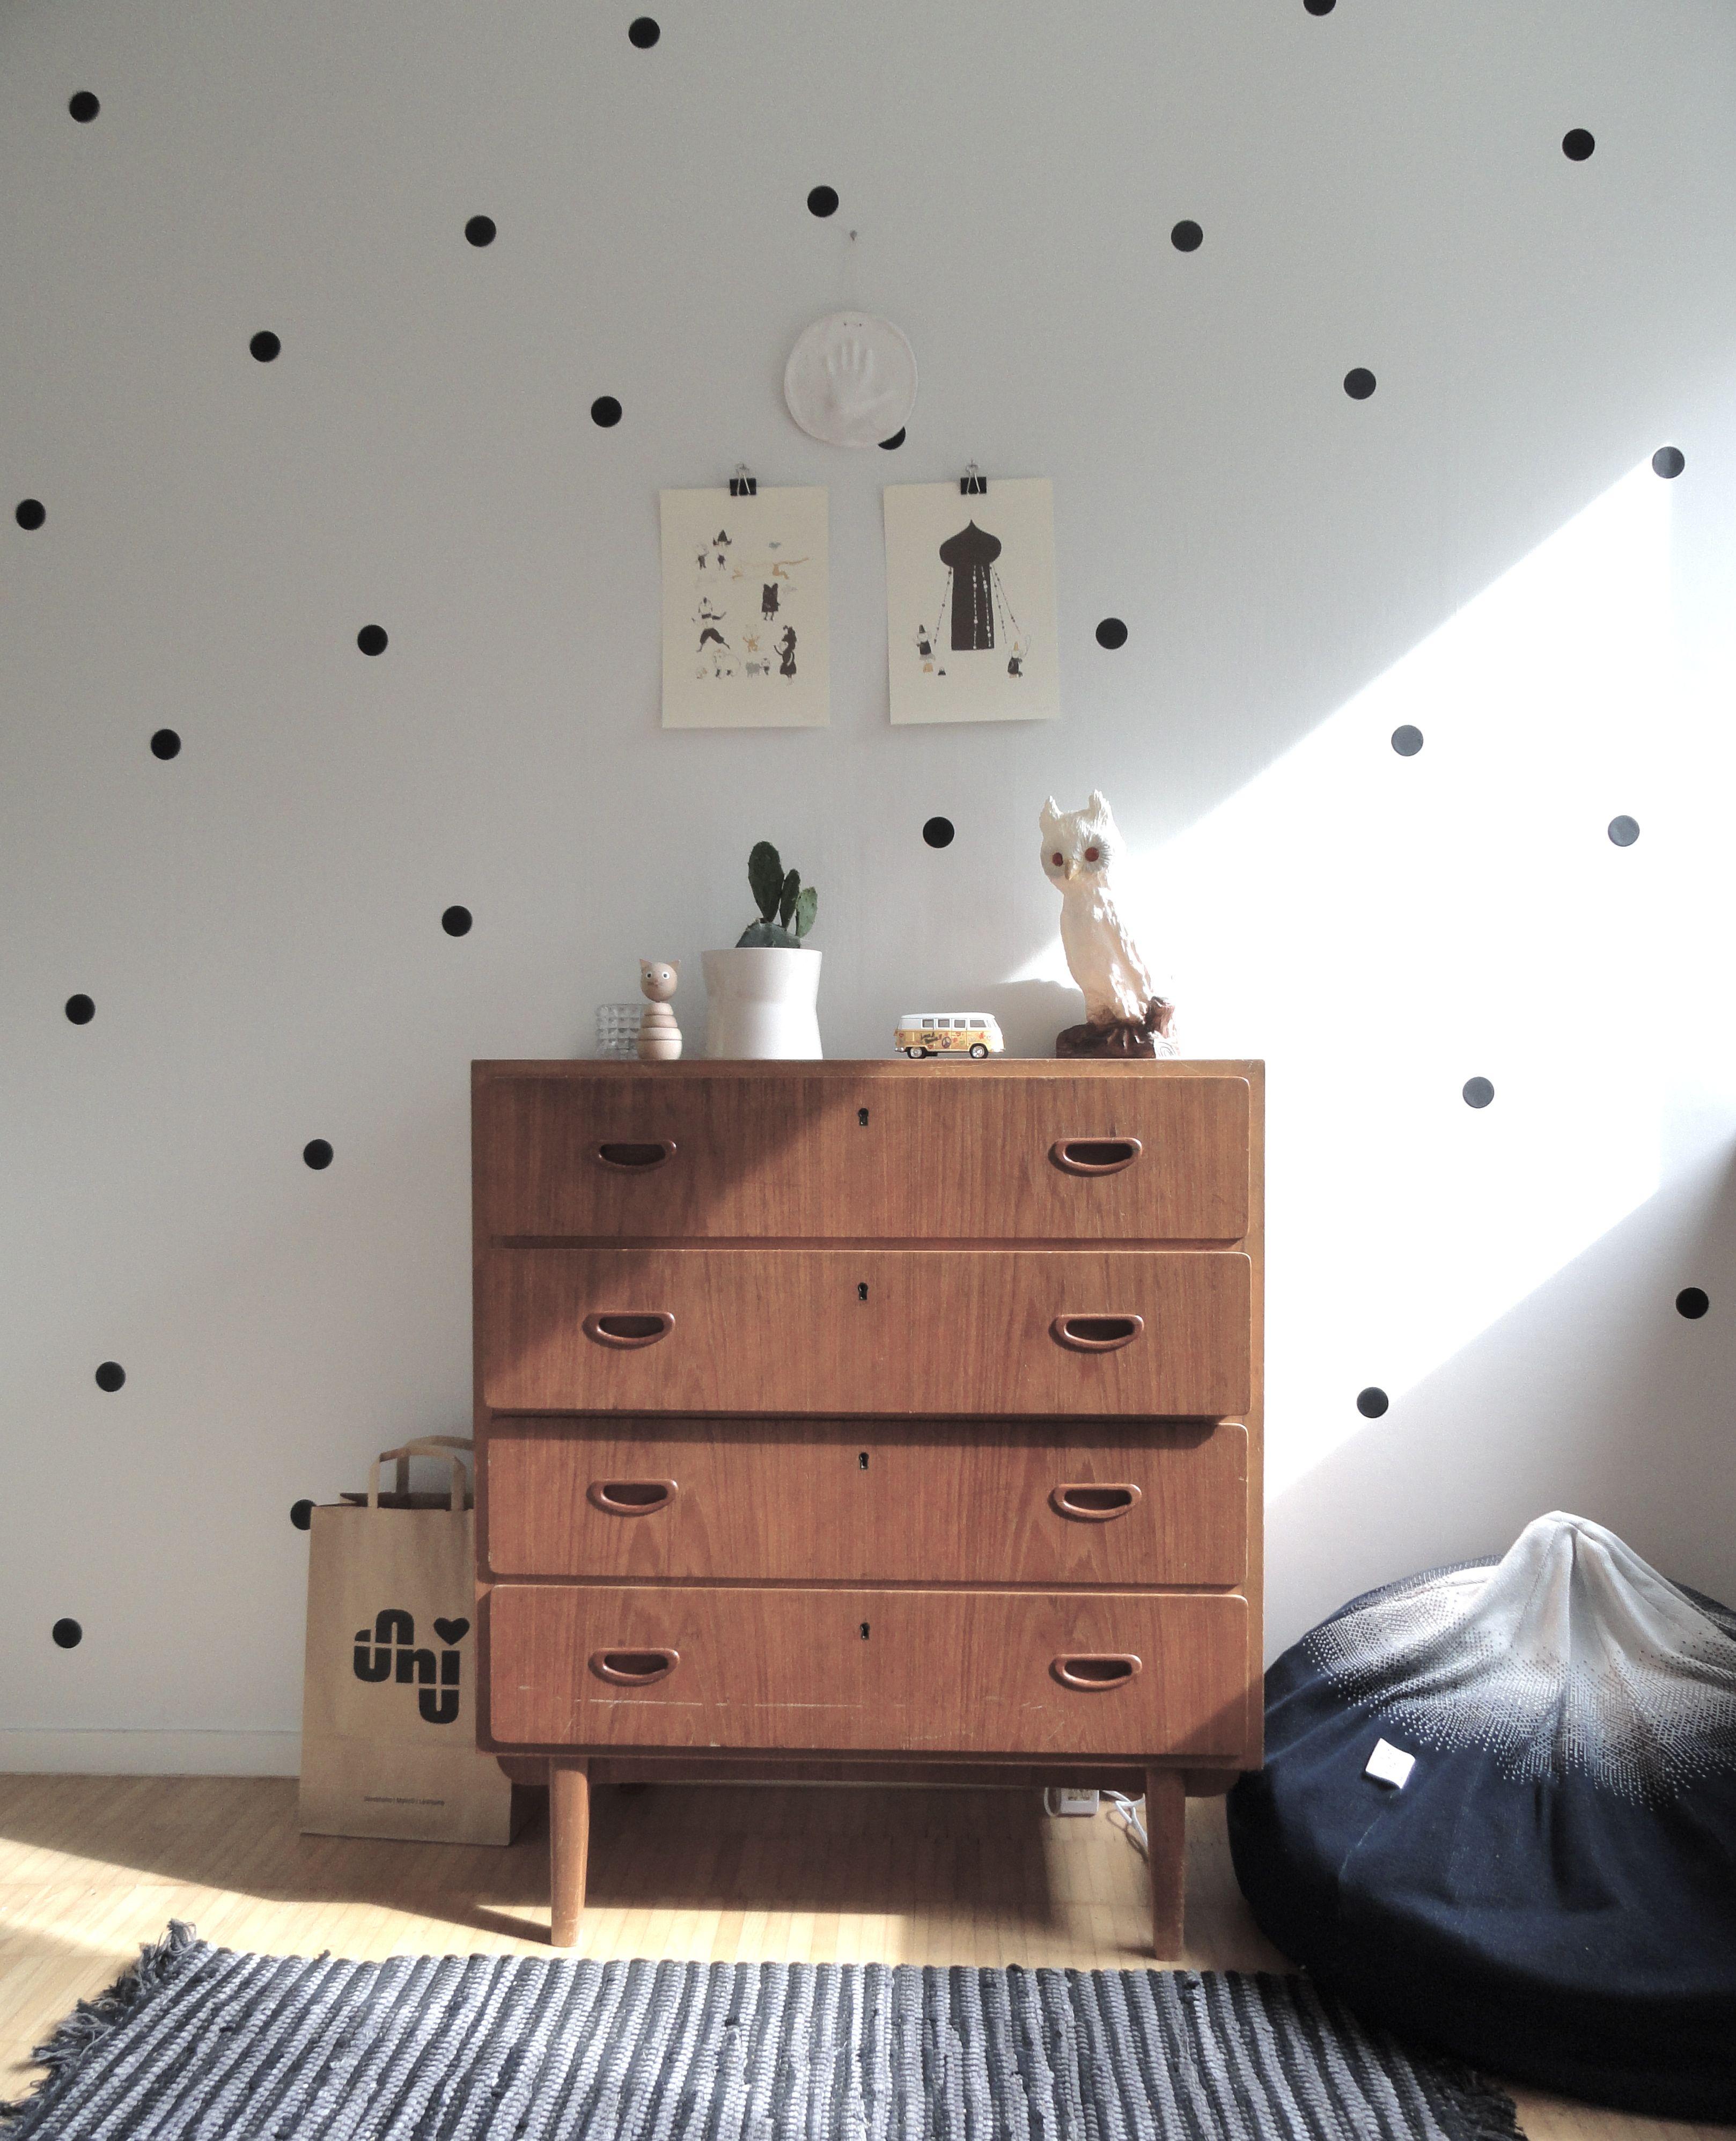 Dotted walls + vintage dresser